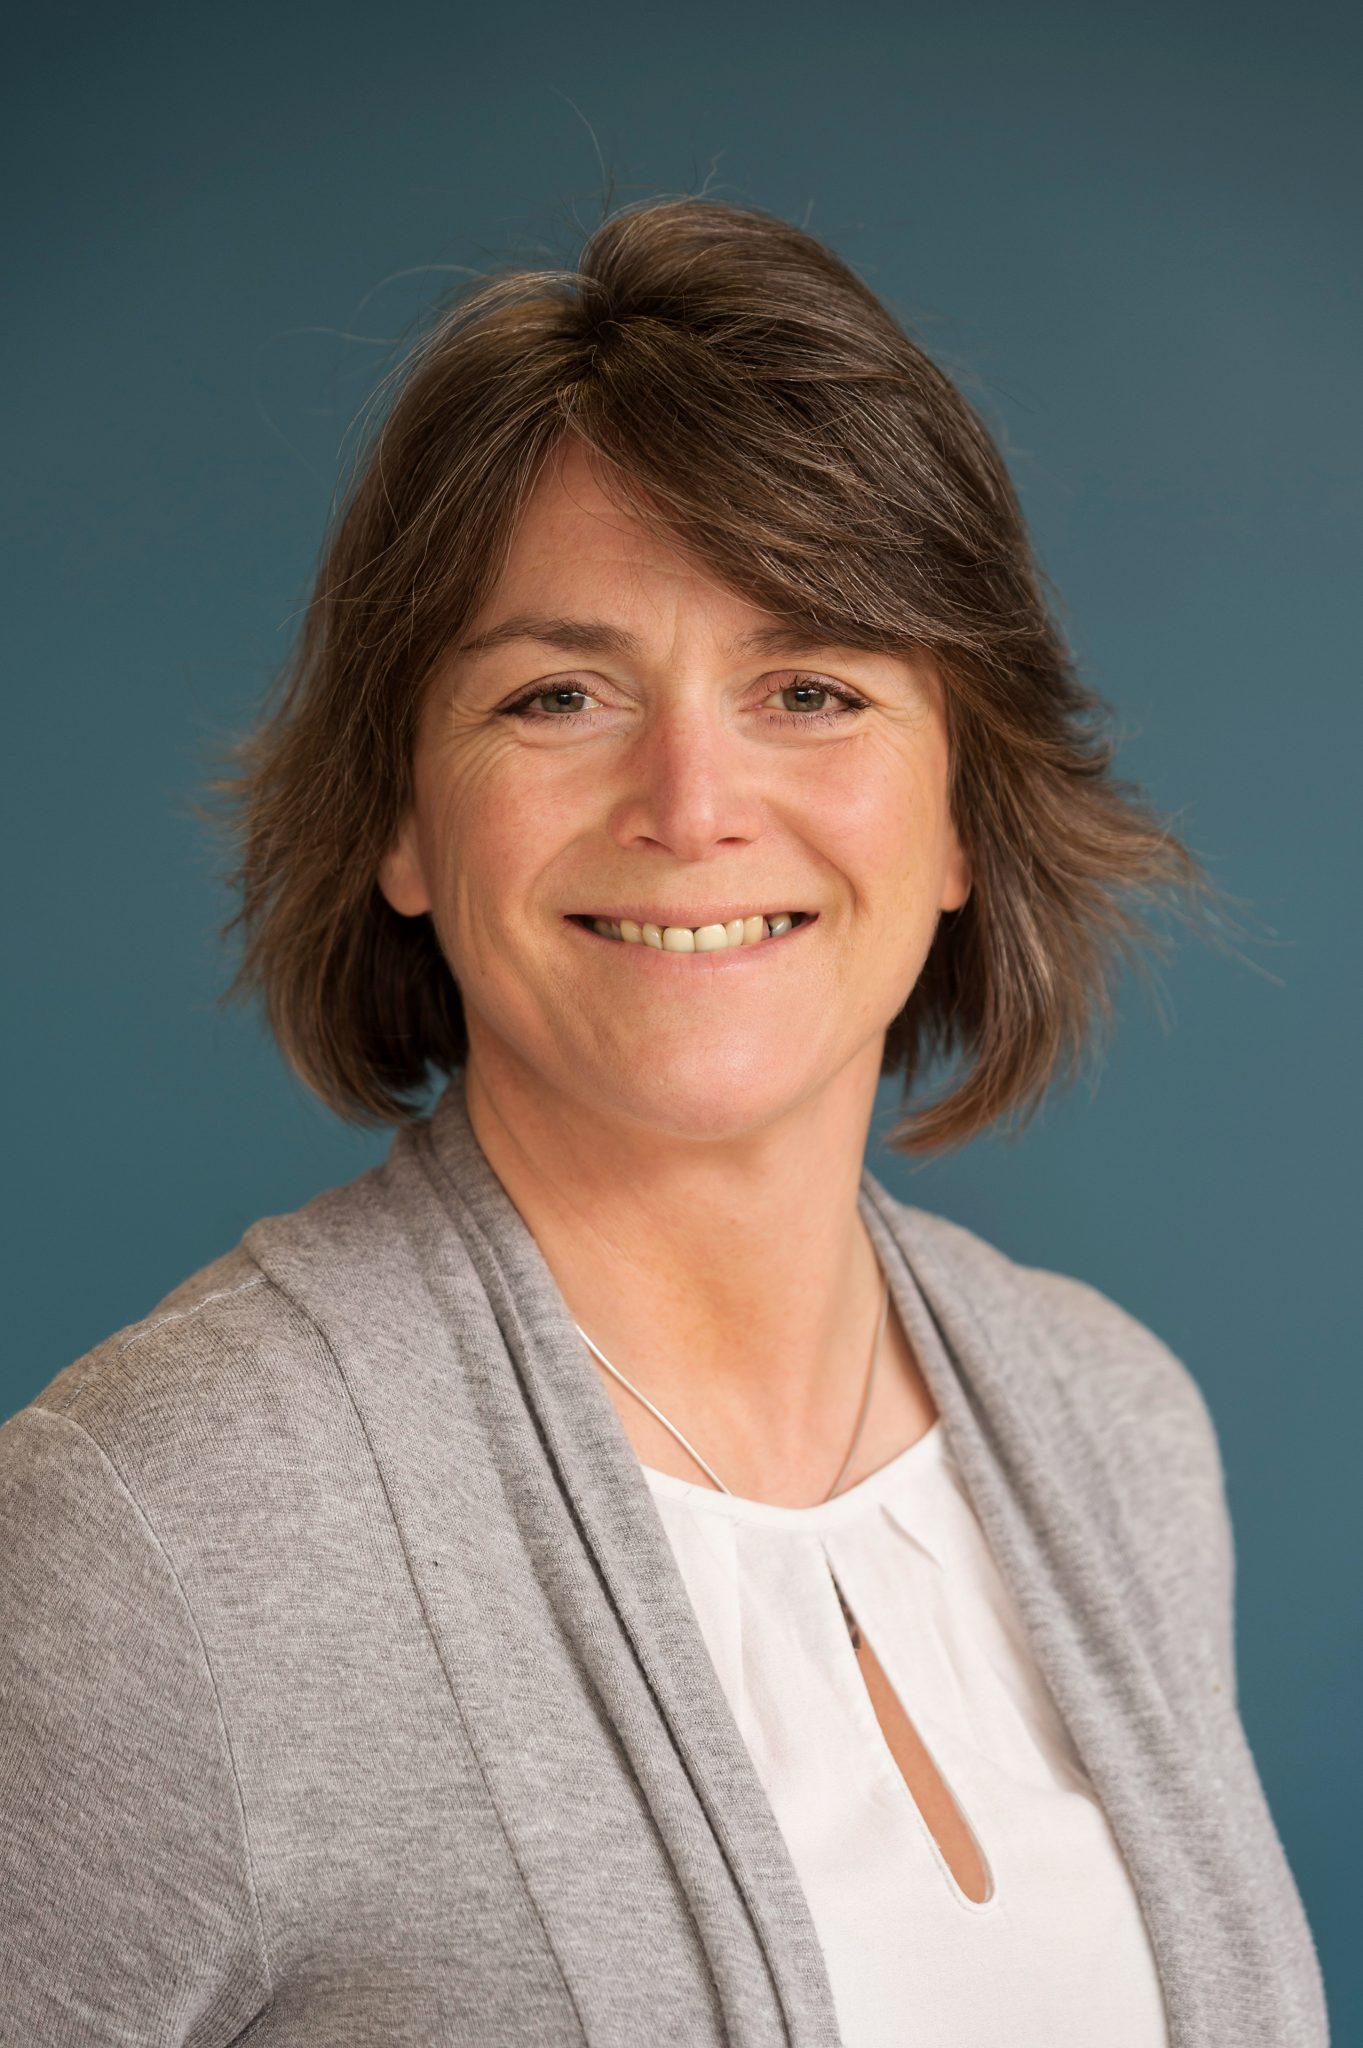 Rachel Cowper